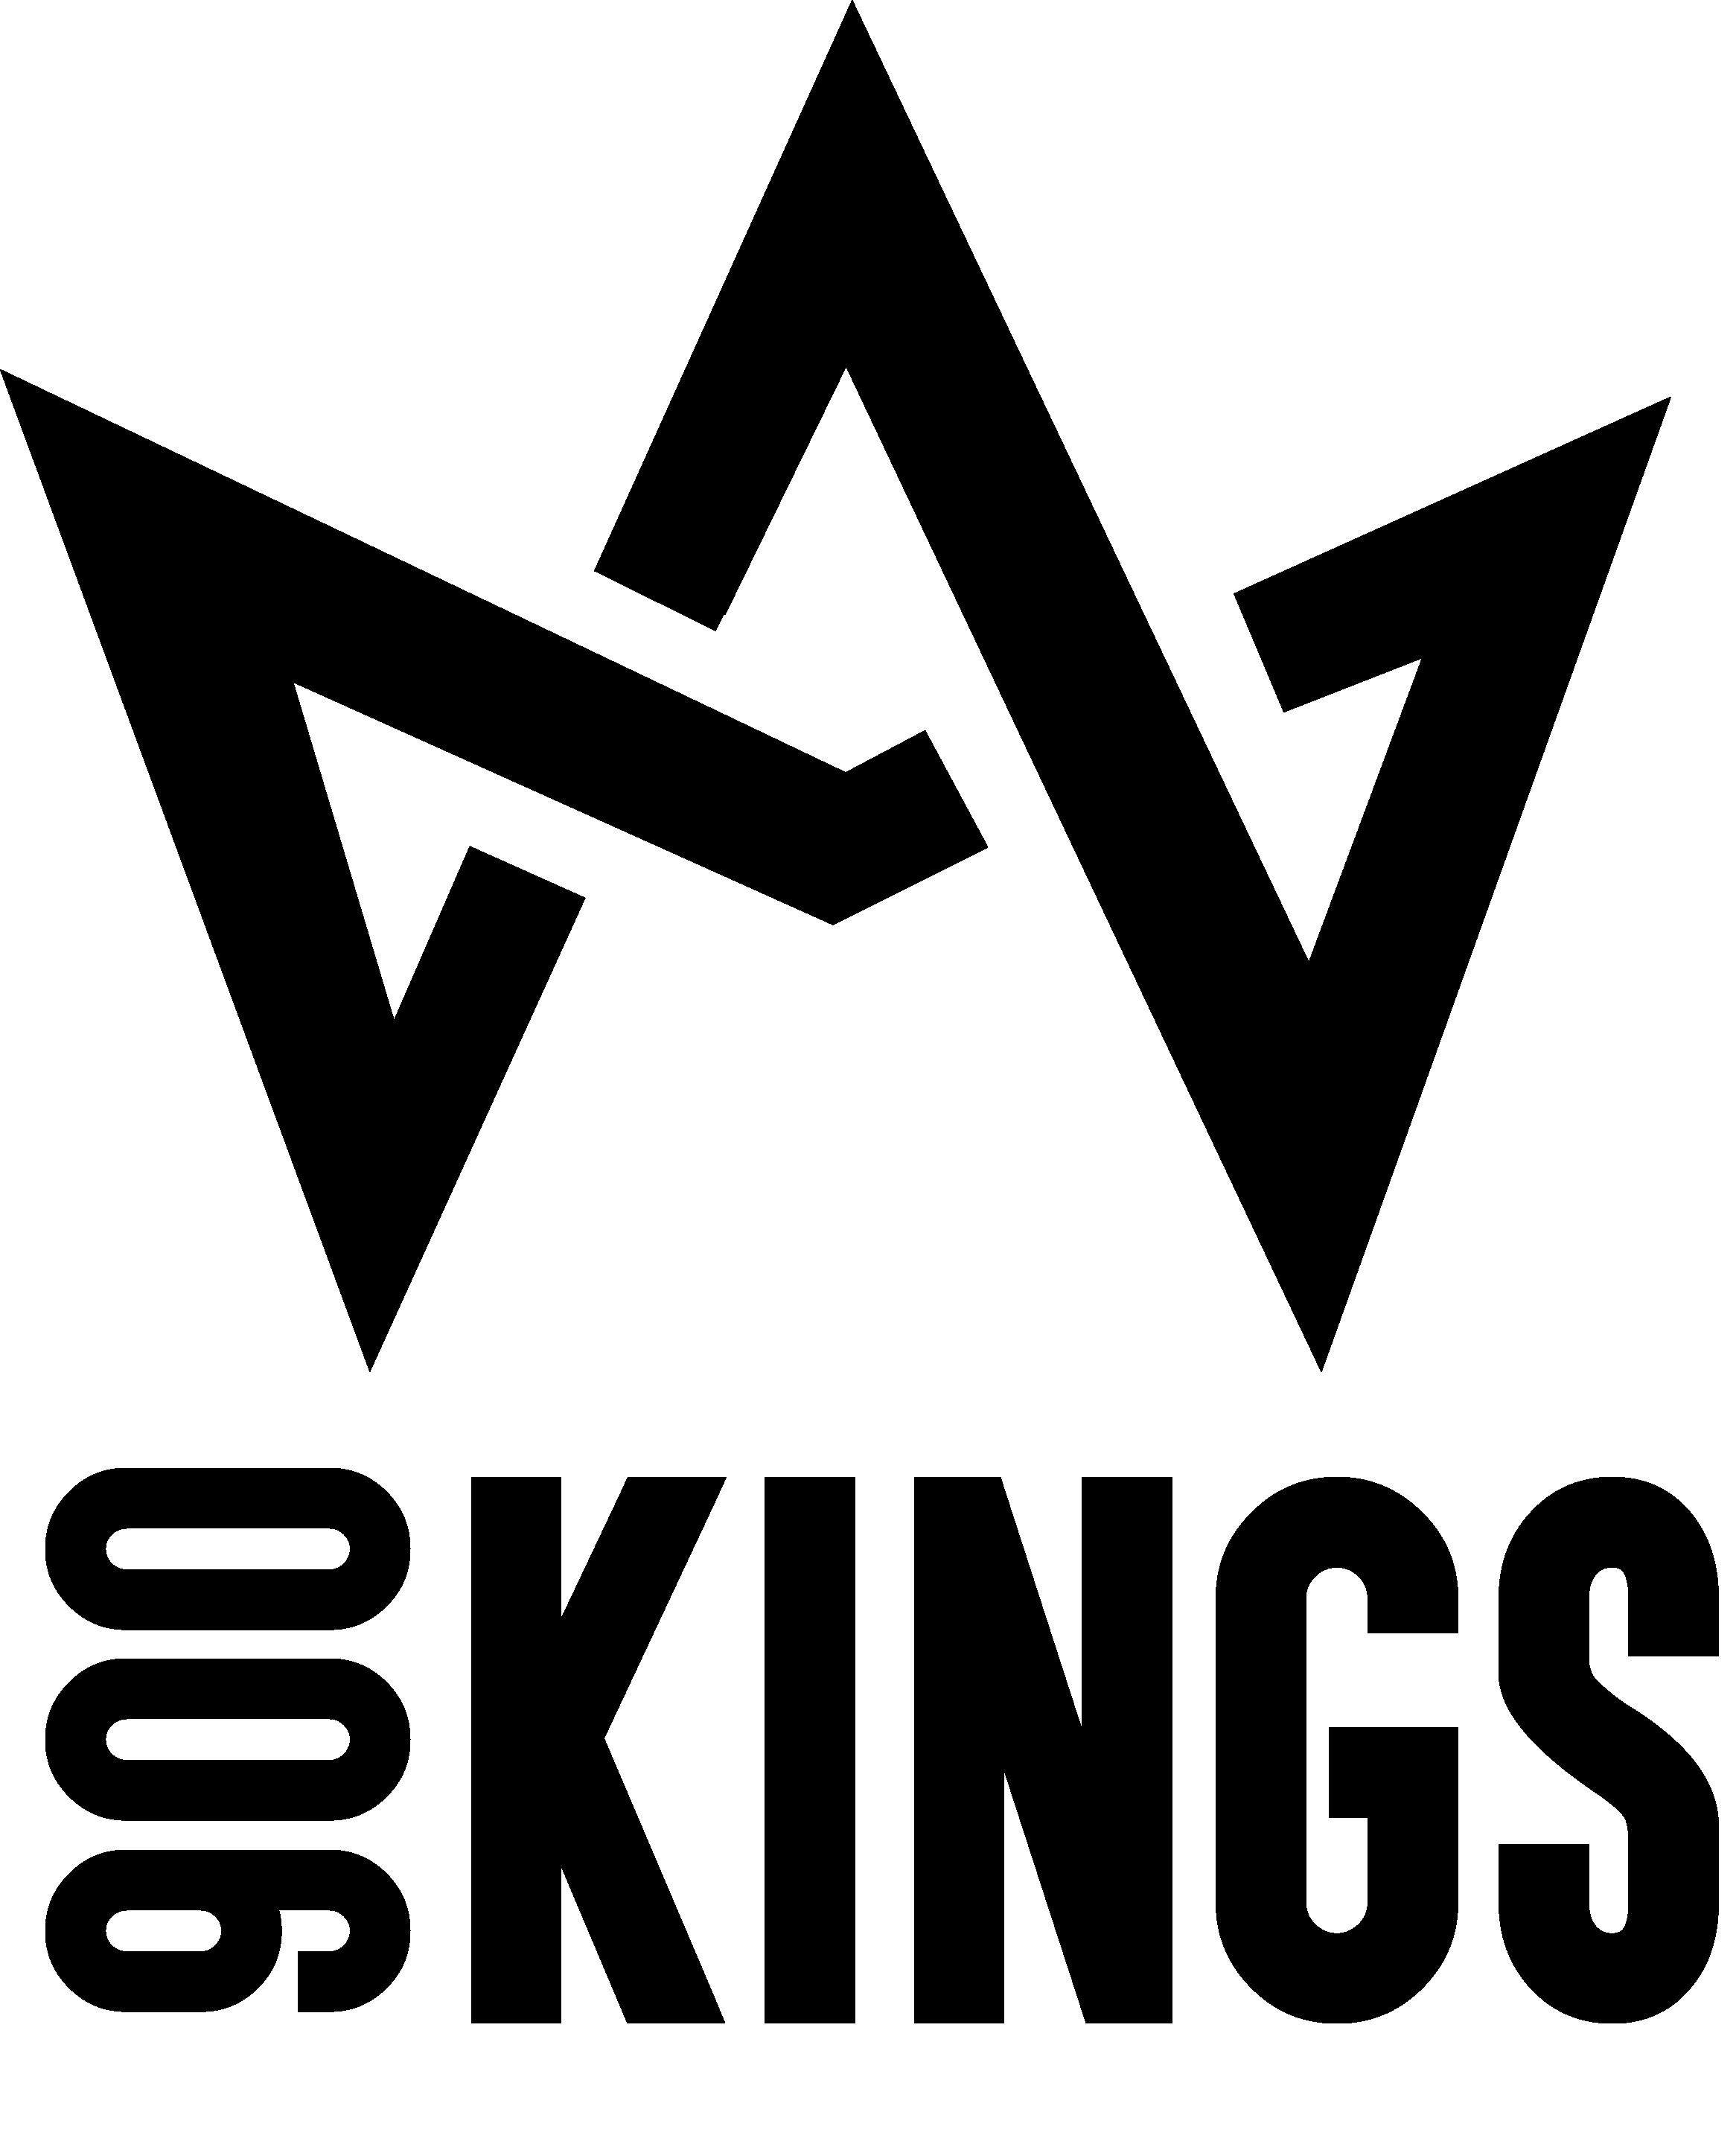 900 Kings